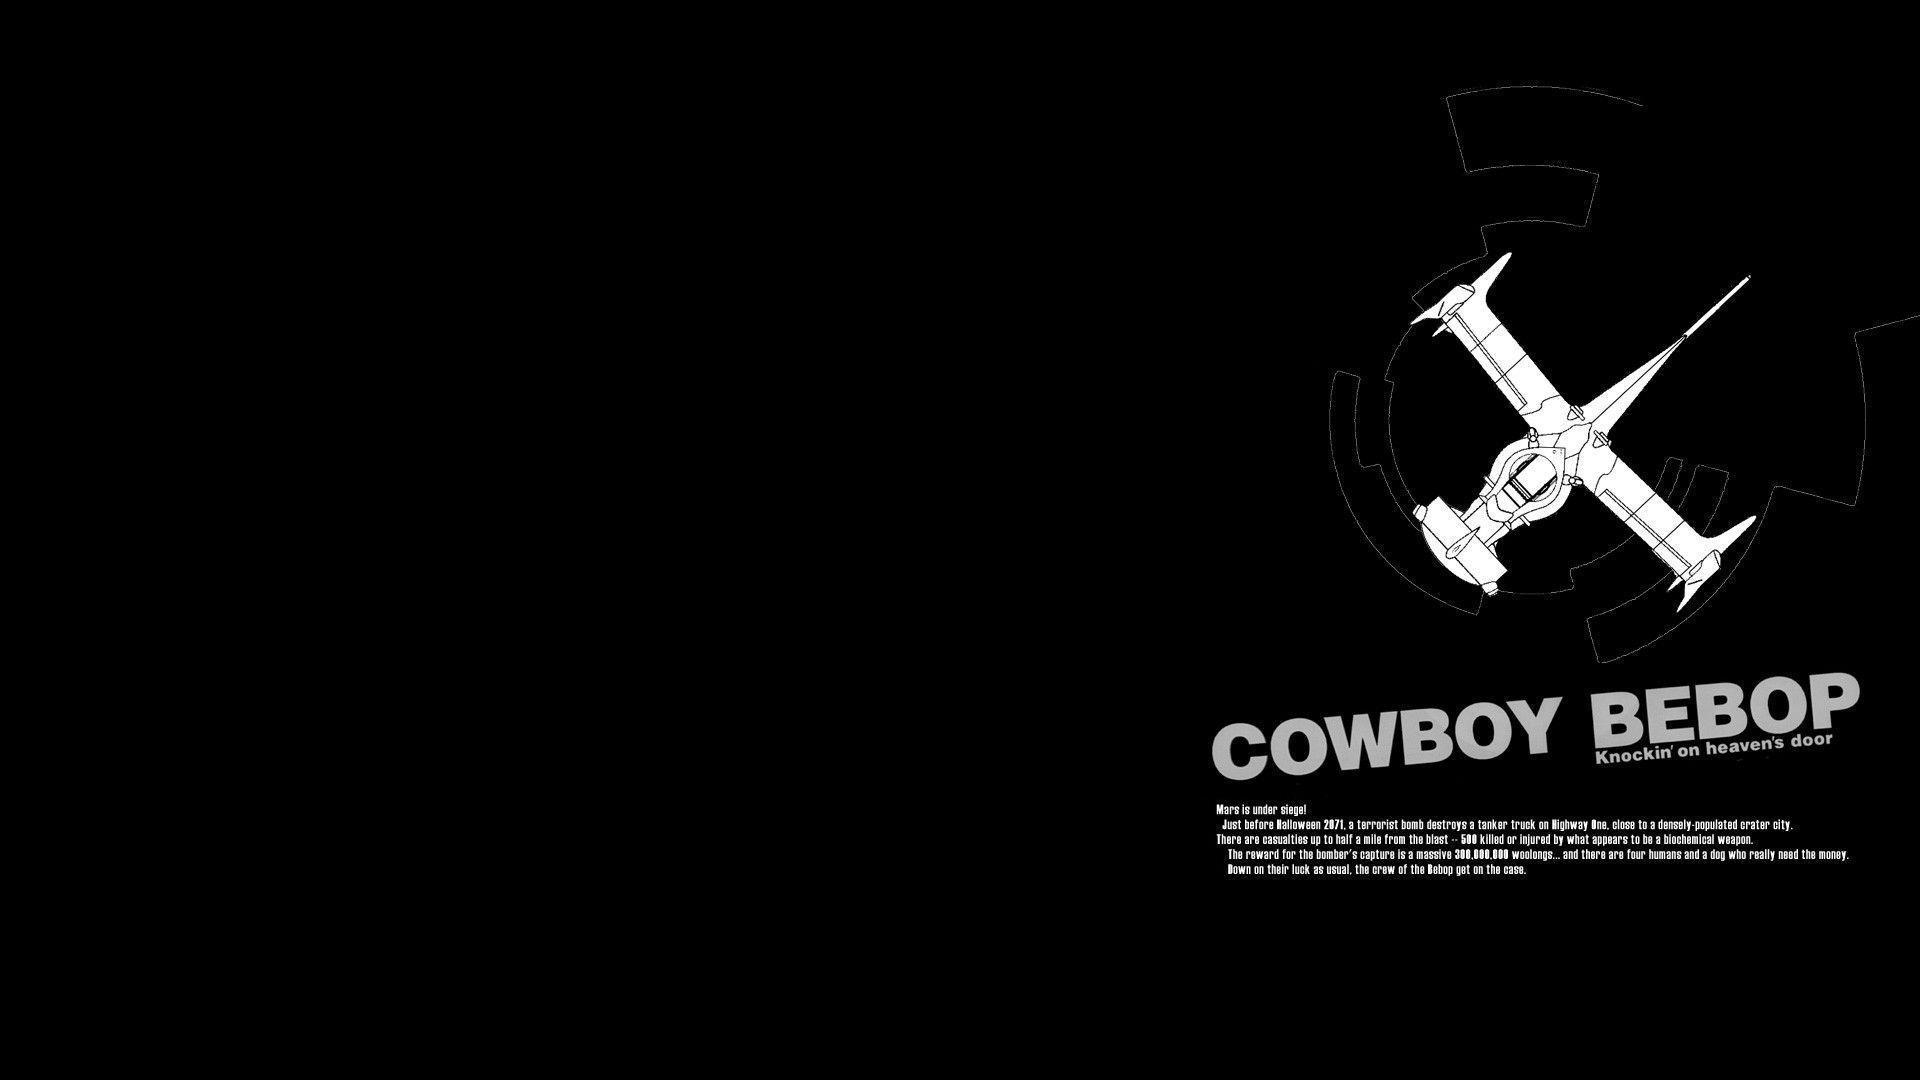 Cowboy Bebop HD Wallpaper 1920x1080